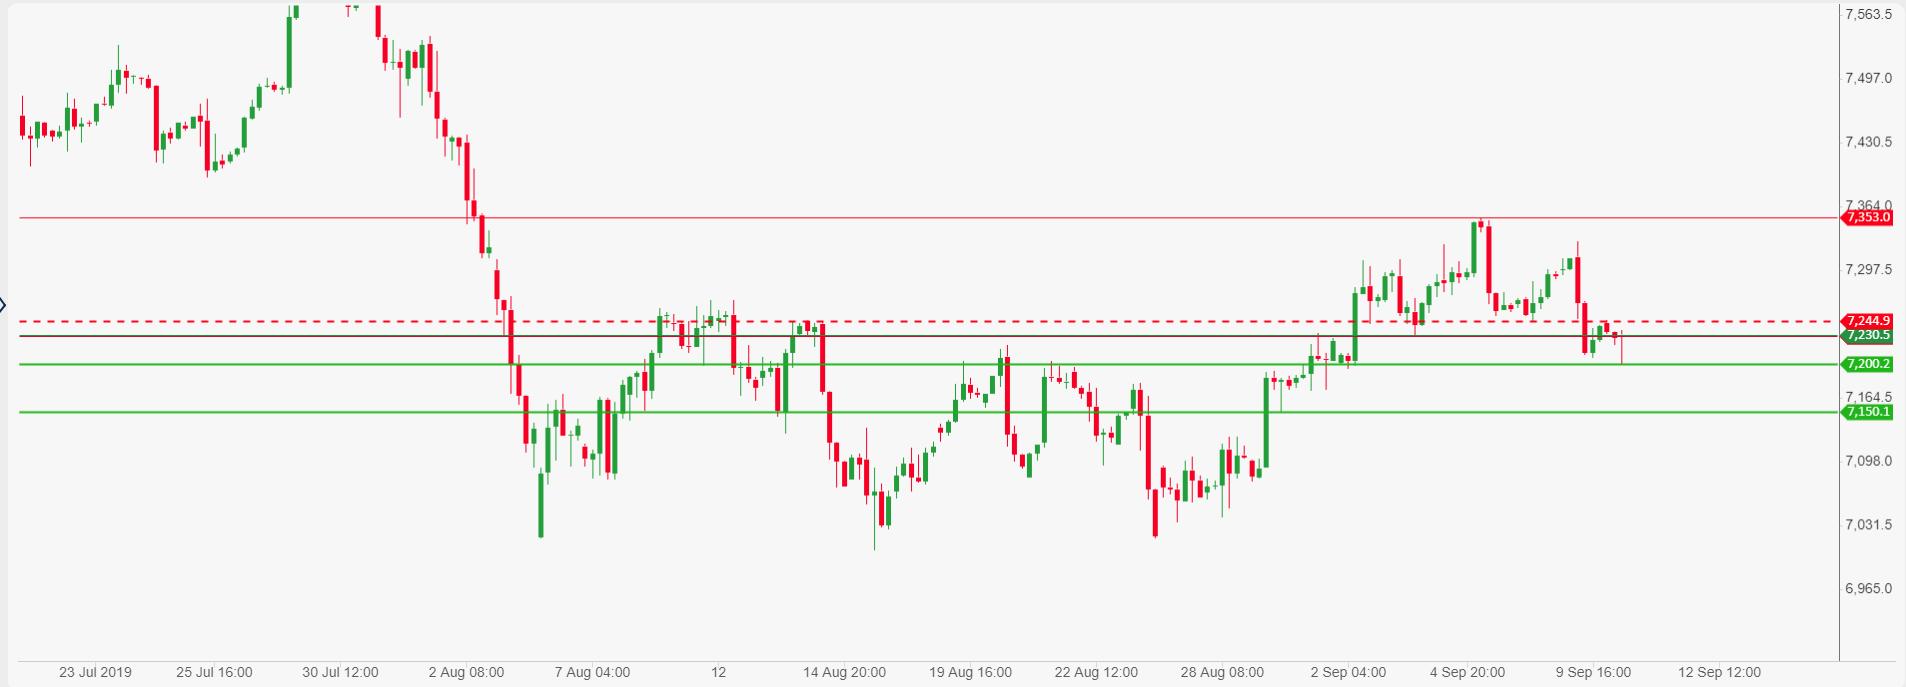 UK FTSE-100 index